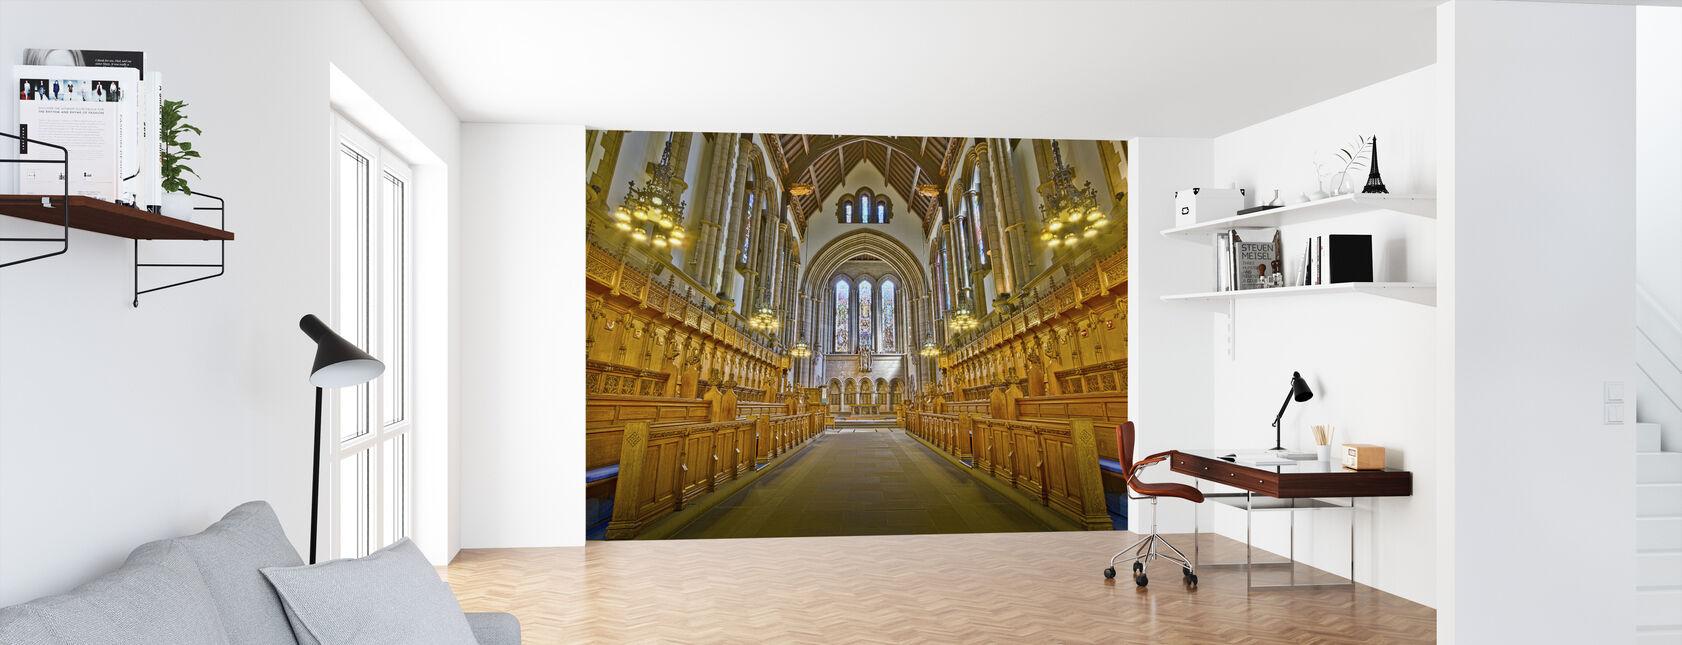 Glasgow Chapel - Wallpaper - Office